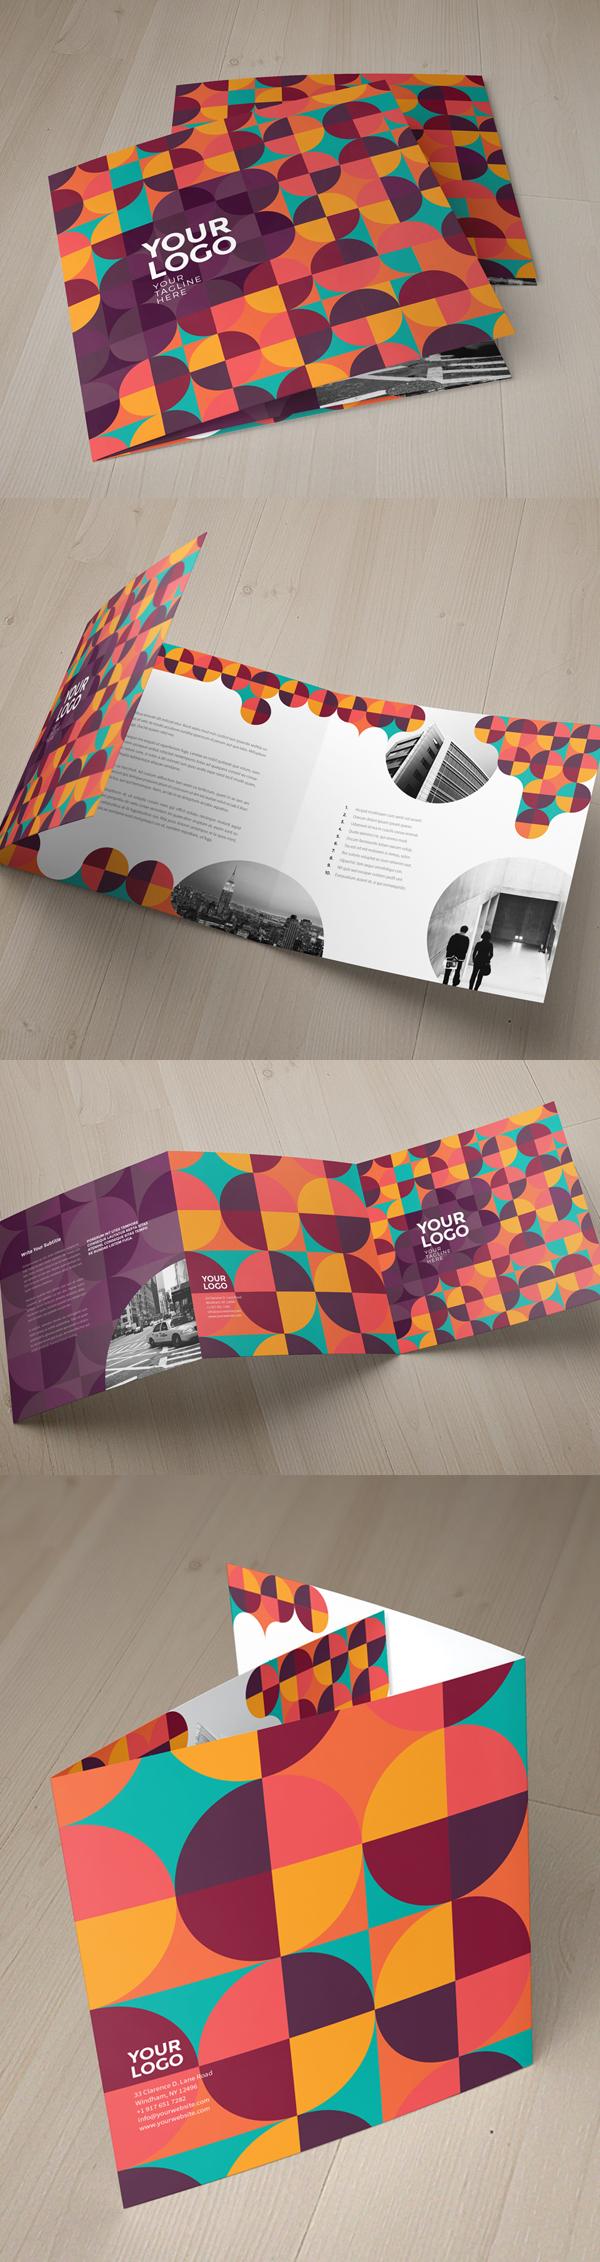 上海画册设计公司创意画册-几何色块七彩图案三折宣传册设计模板